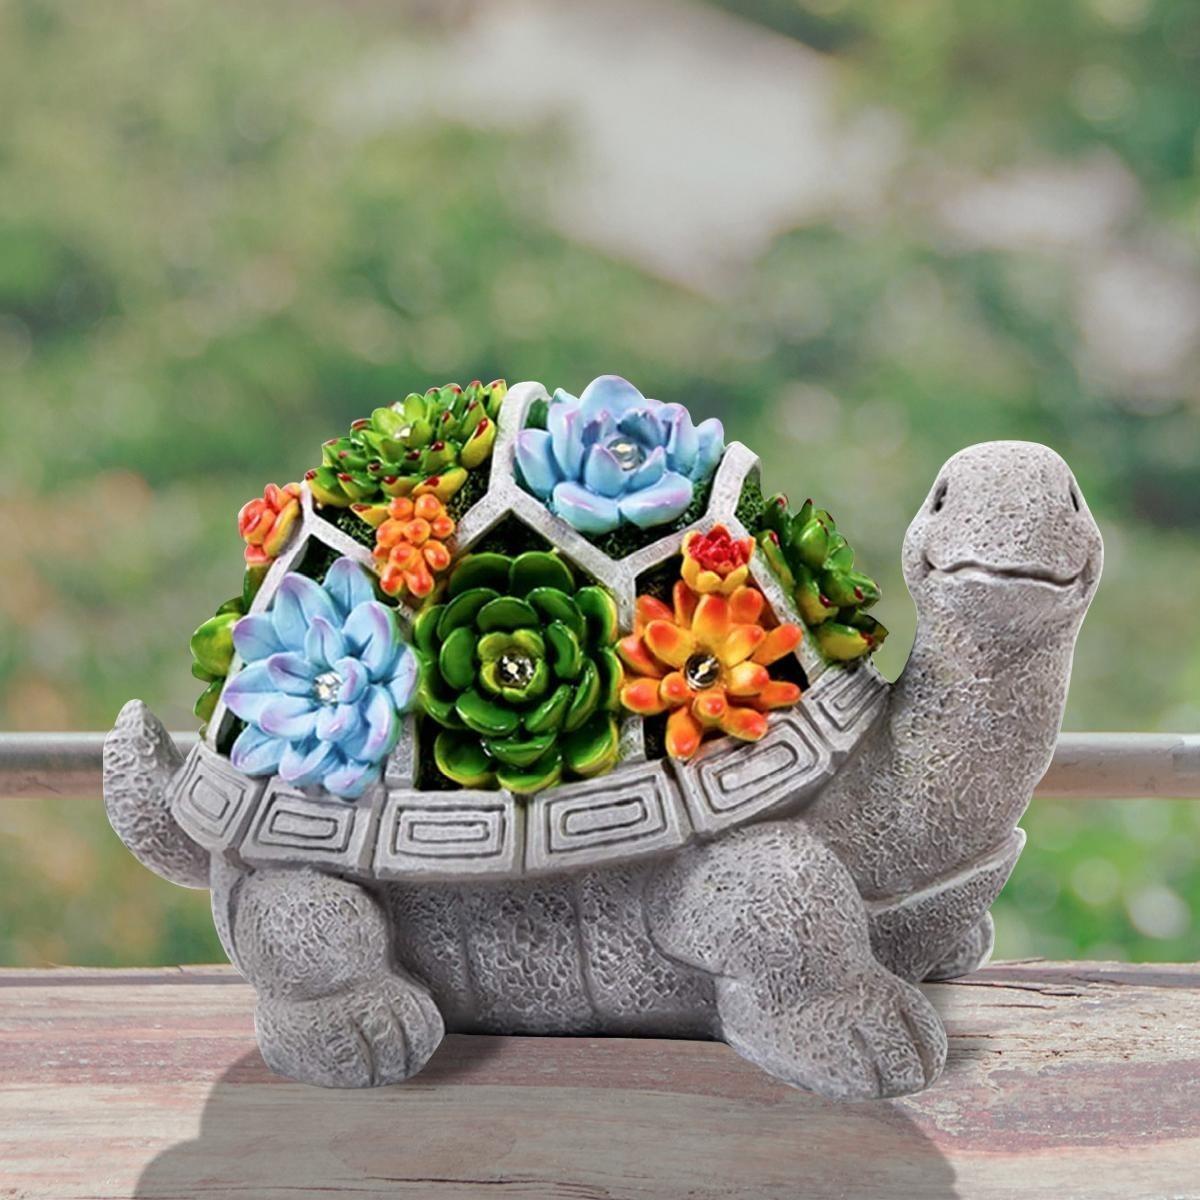 愛嬌ある表情●亀 オブジェ タートル かわいい ライト 屋外 庭 ガーデンライト 庭園 サボテン 多肉植物 飾り 置物 電気 照明 アート bb61_画像1